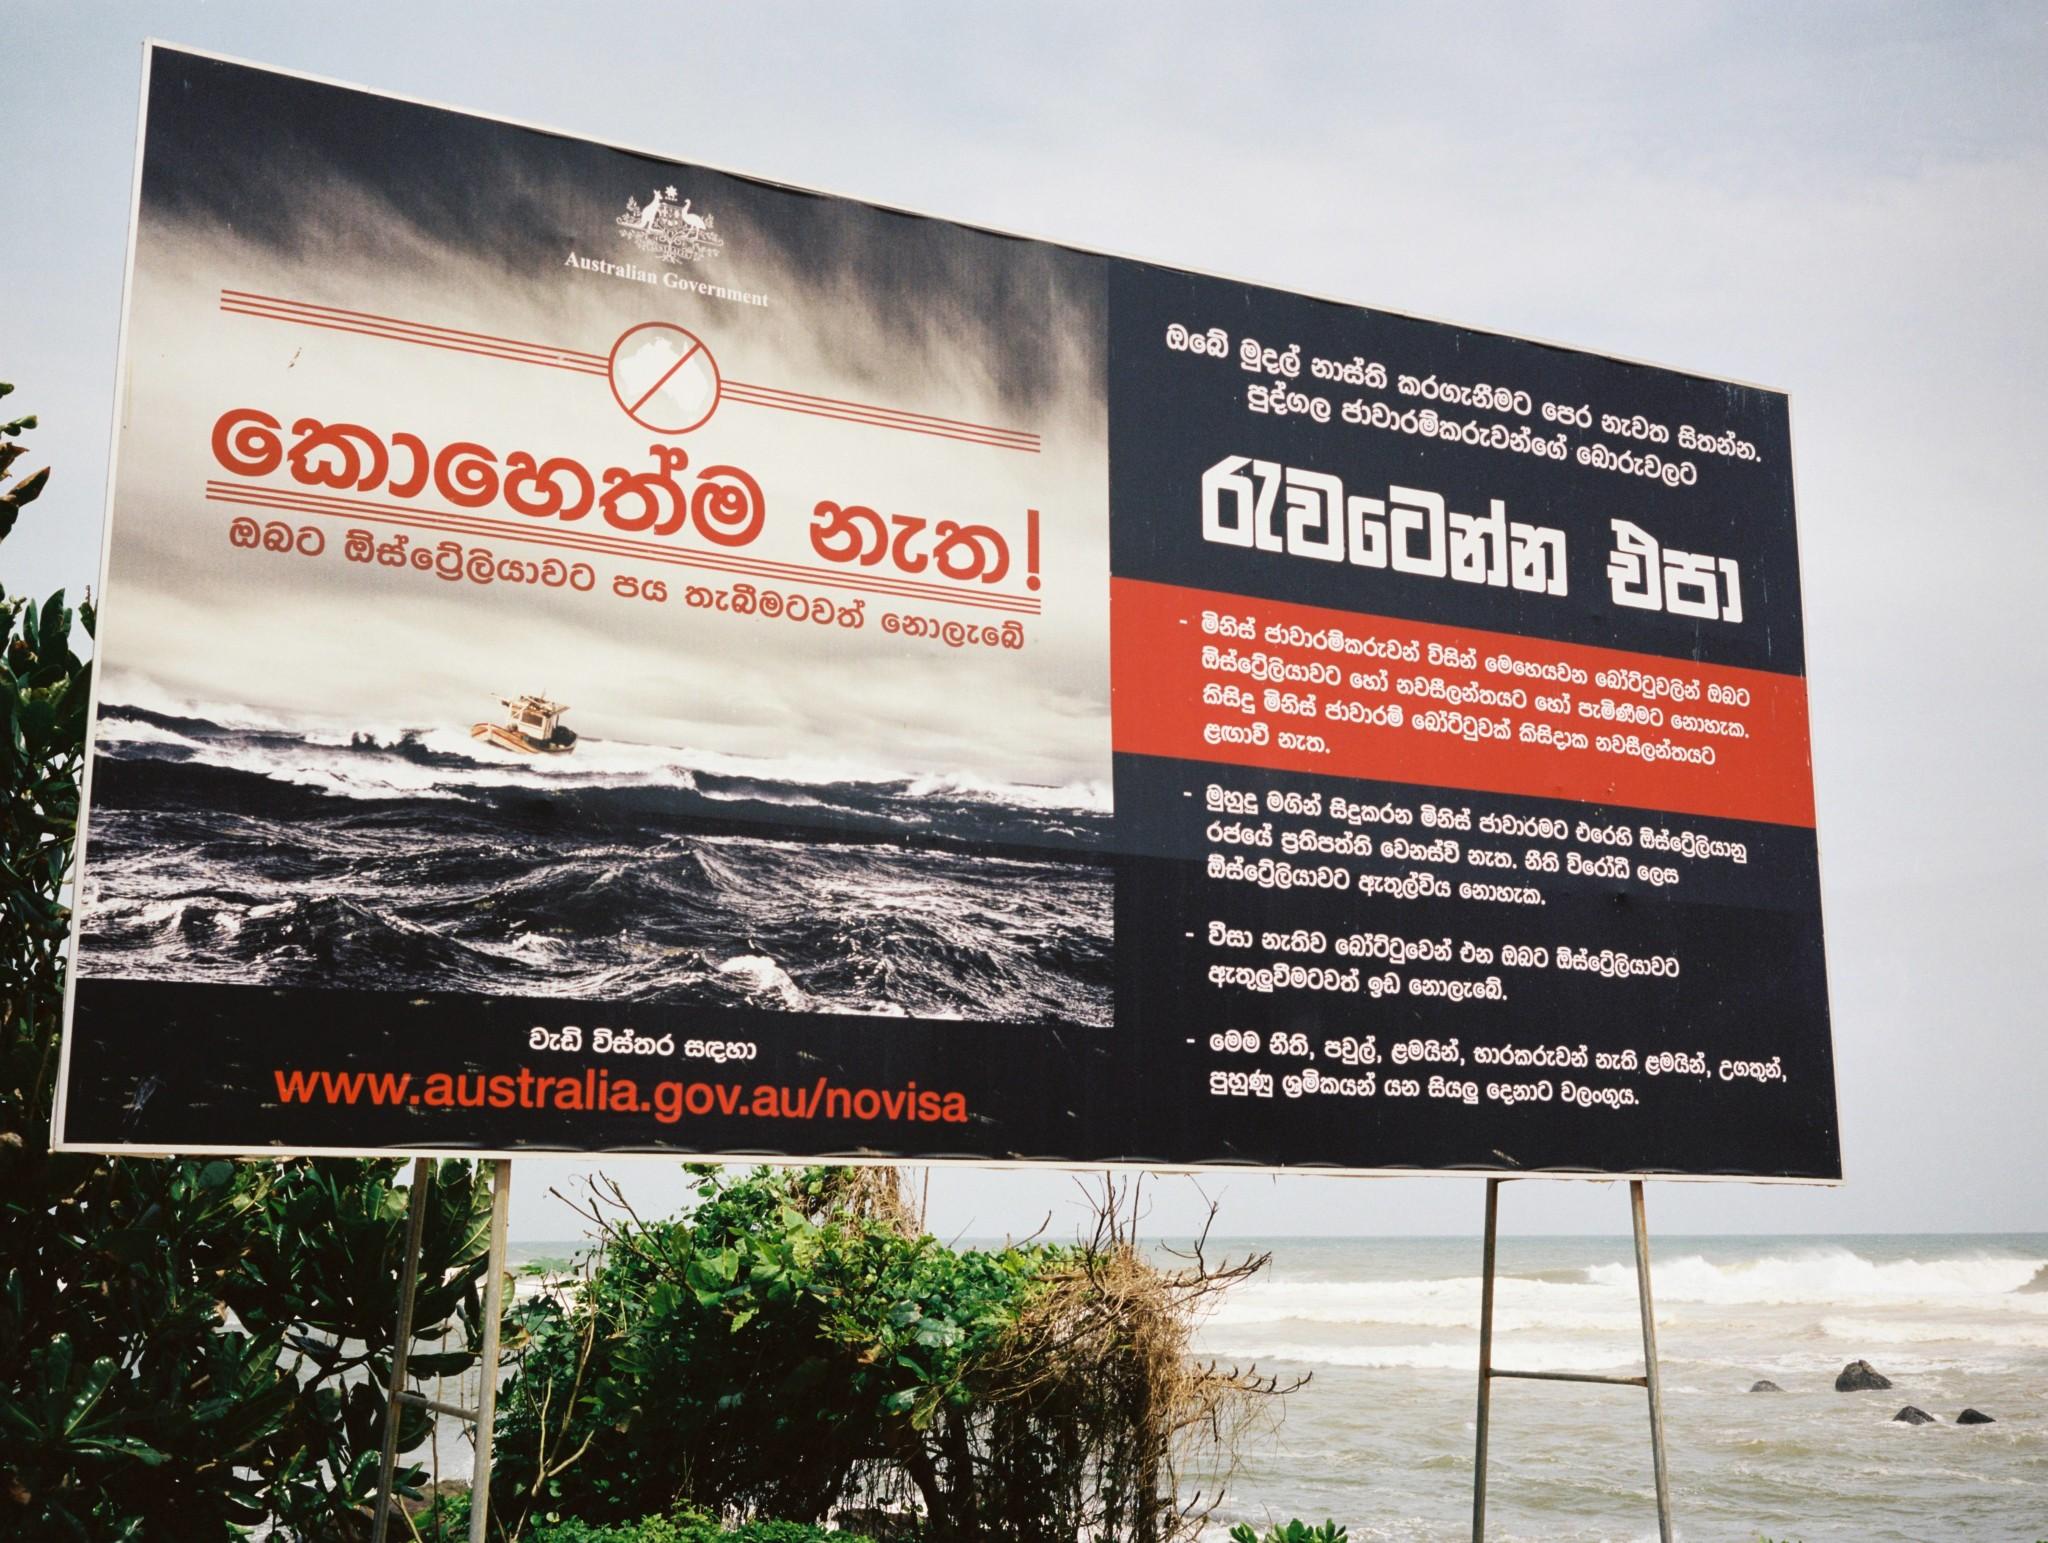 gurunagar billboard sri lanka